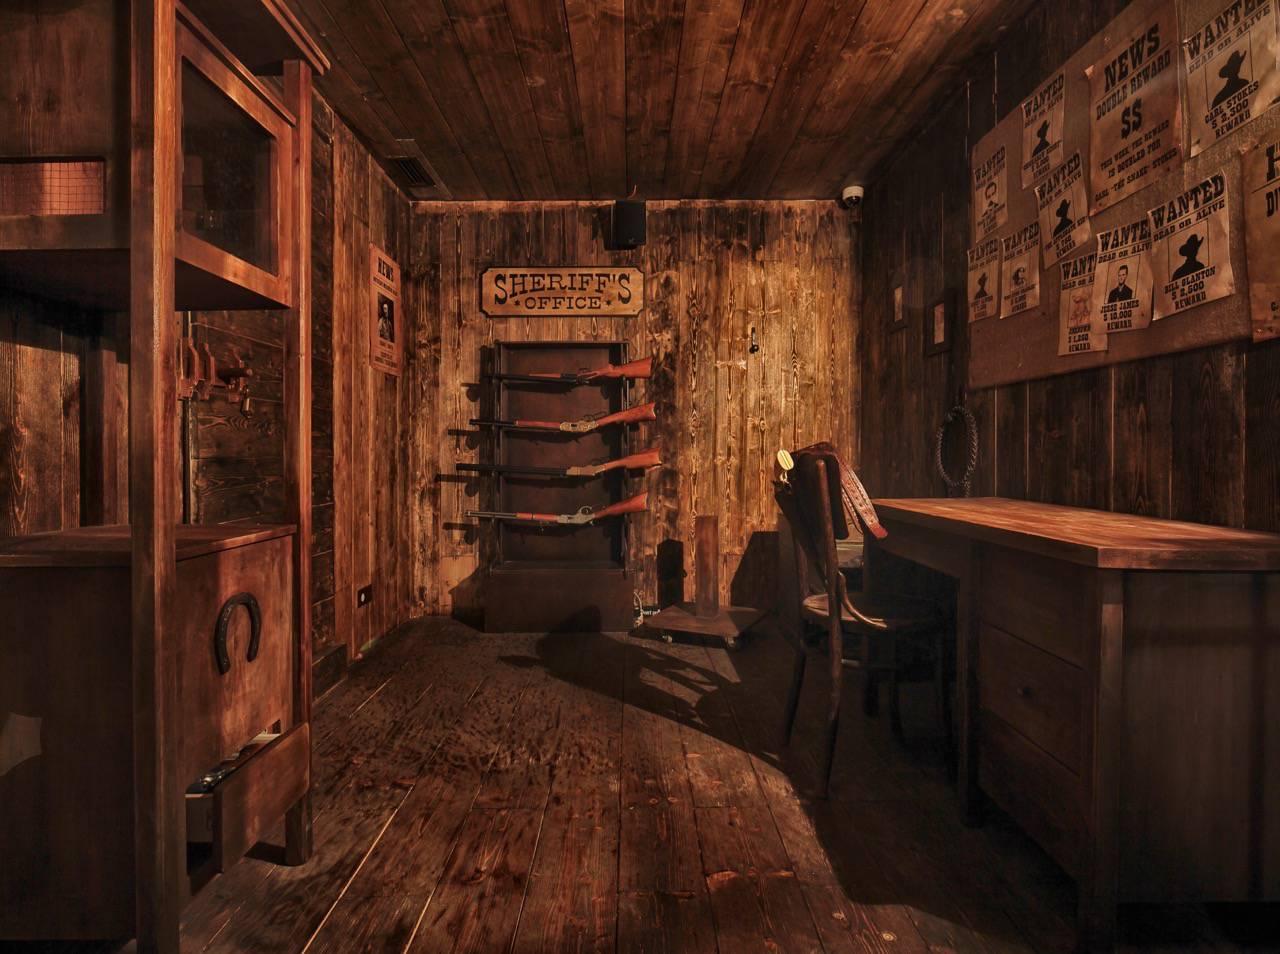 neverland-escape-room-szabaduloszoba-budapest-western1.jpg